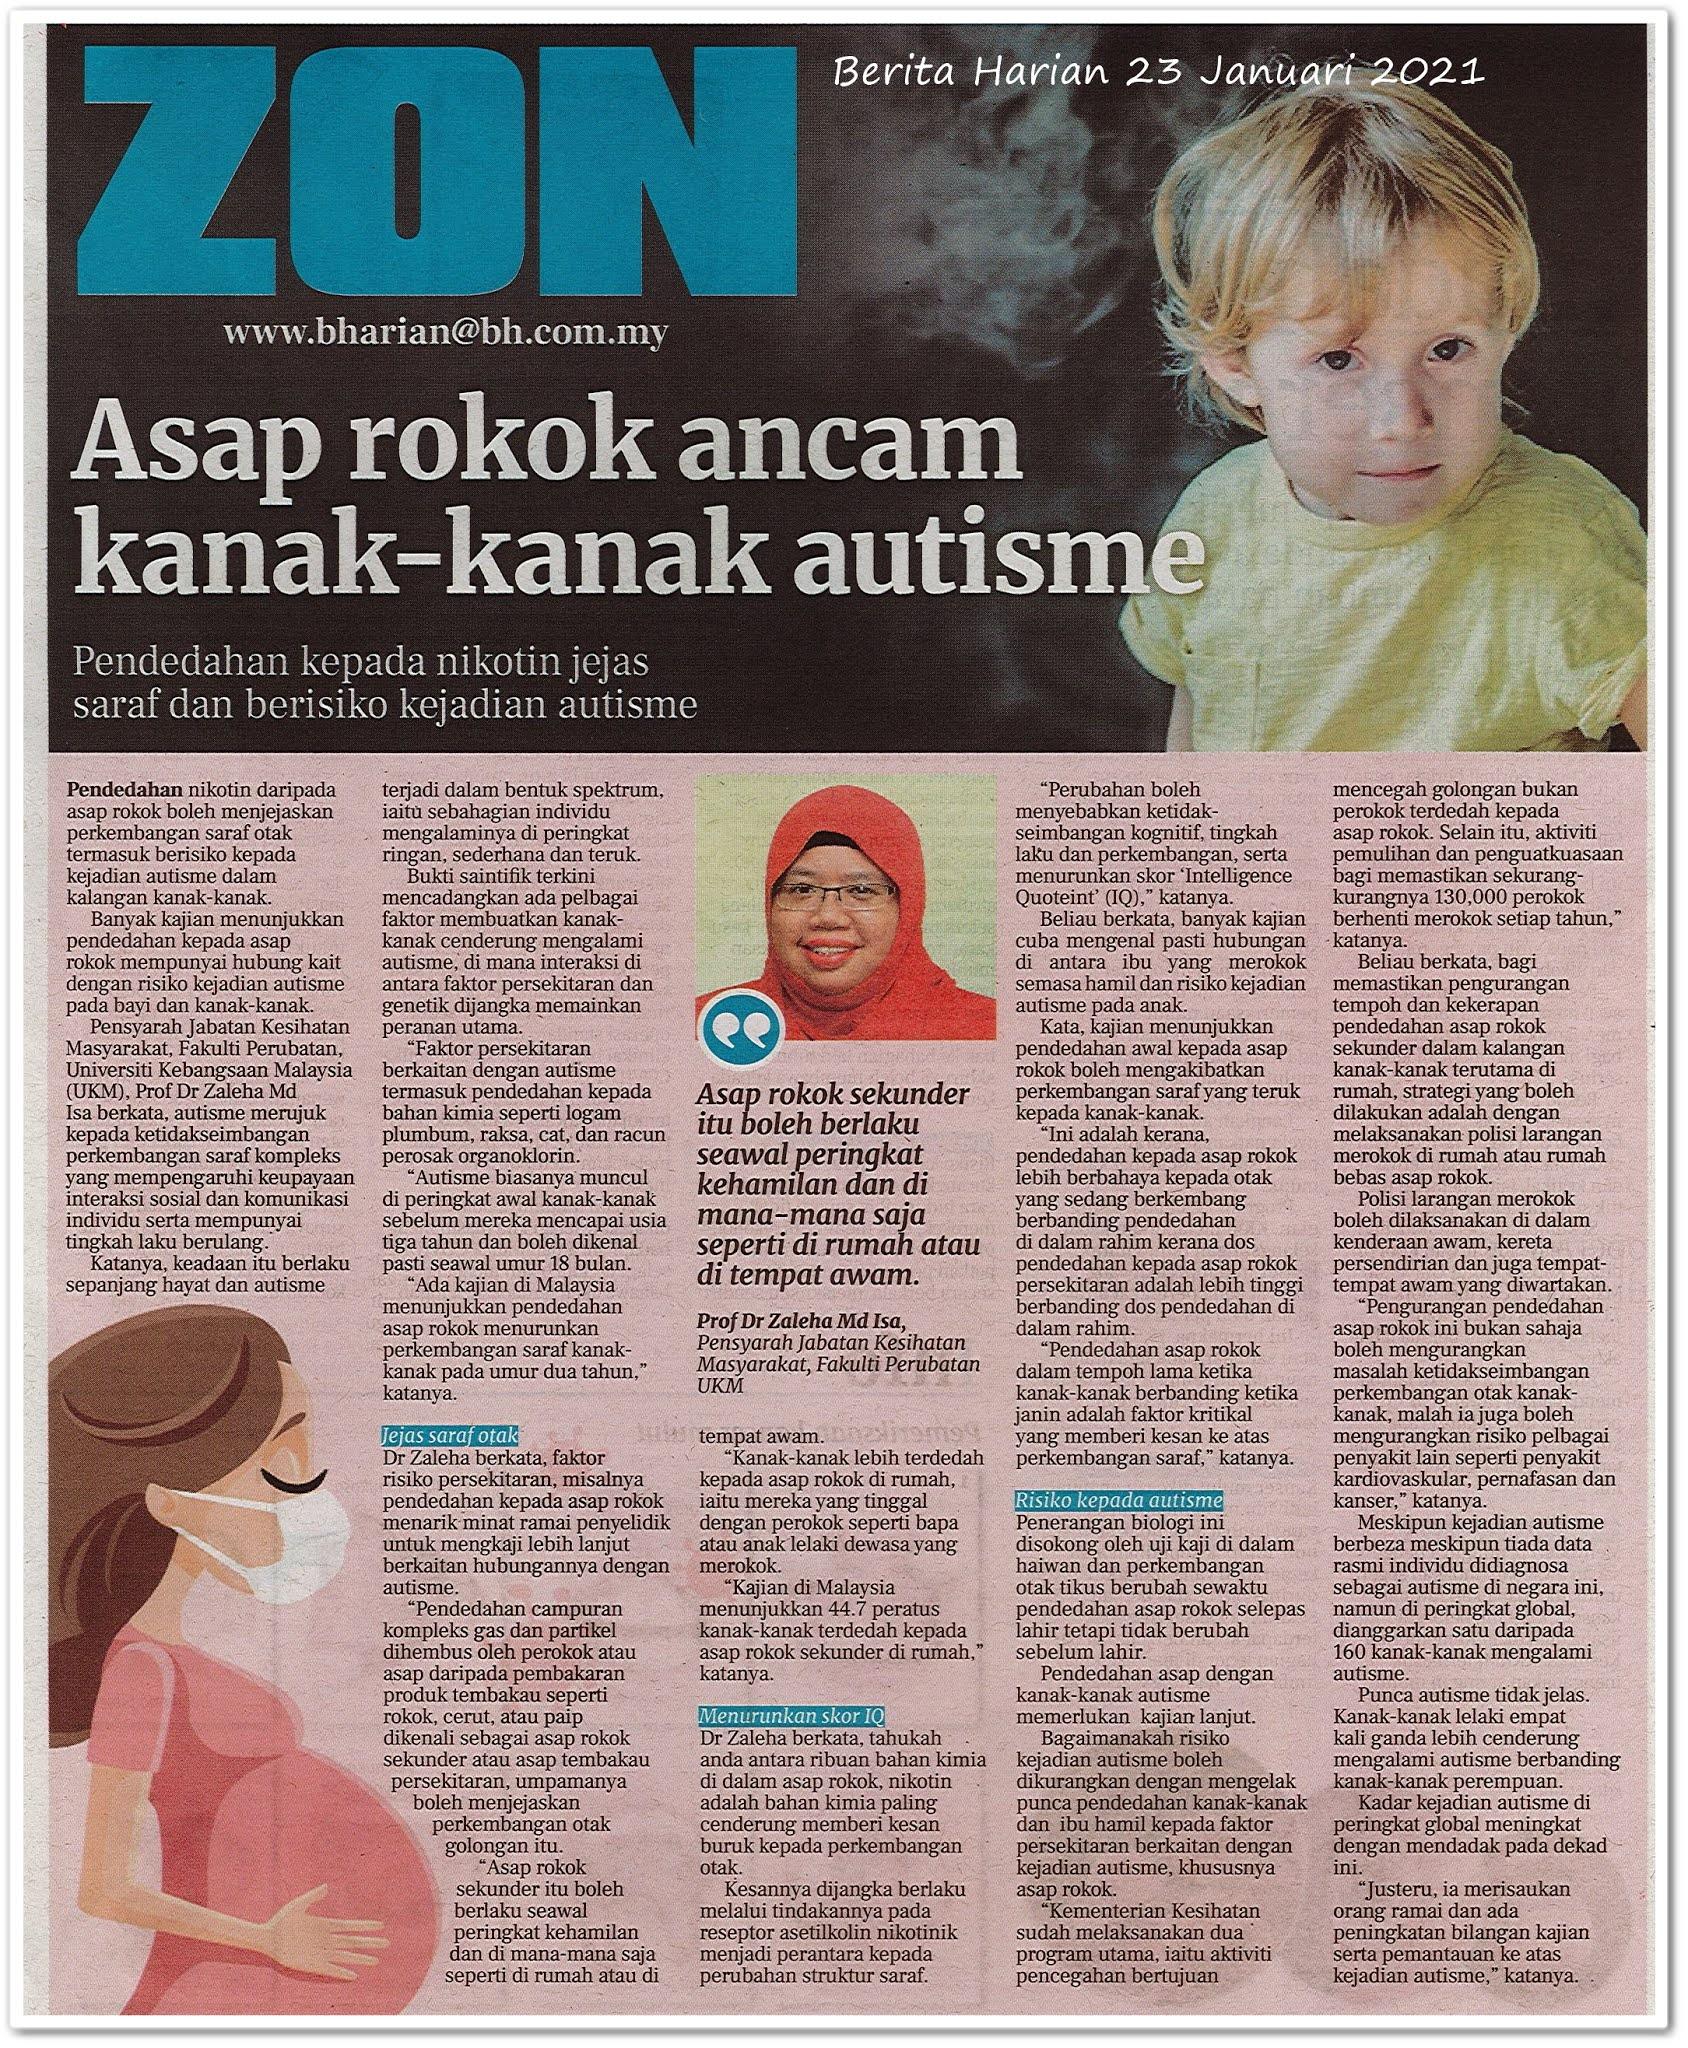 Asap rokok ancam kanak-kanak autisme - Keratan akhbar Berita Harian 23 Januari 2021